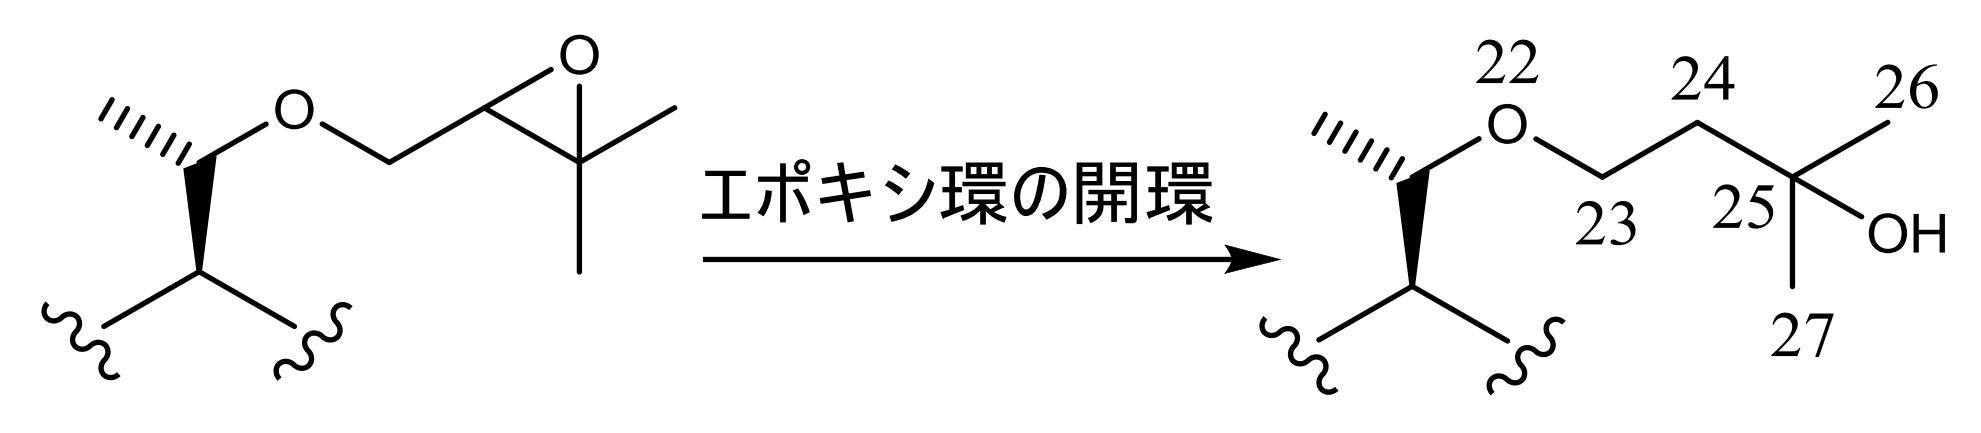 20150122_10.jpg